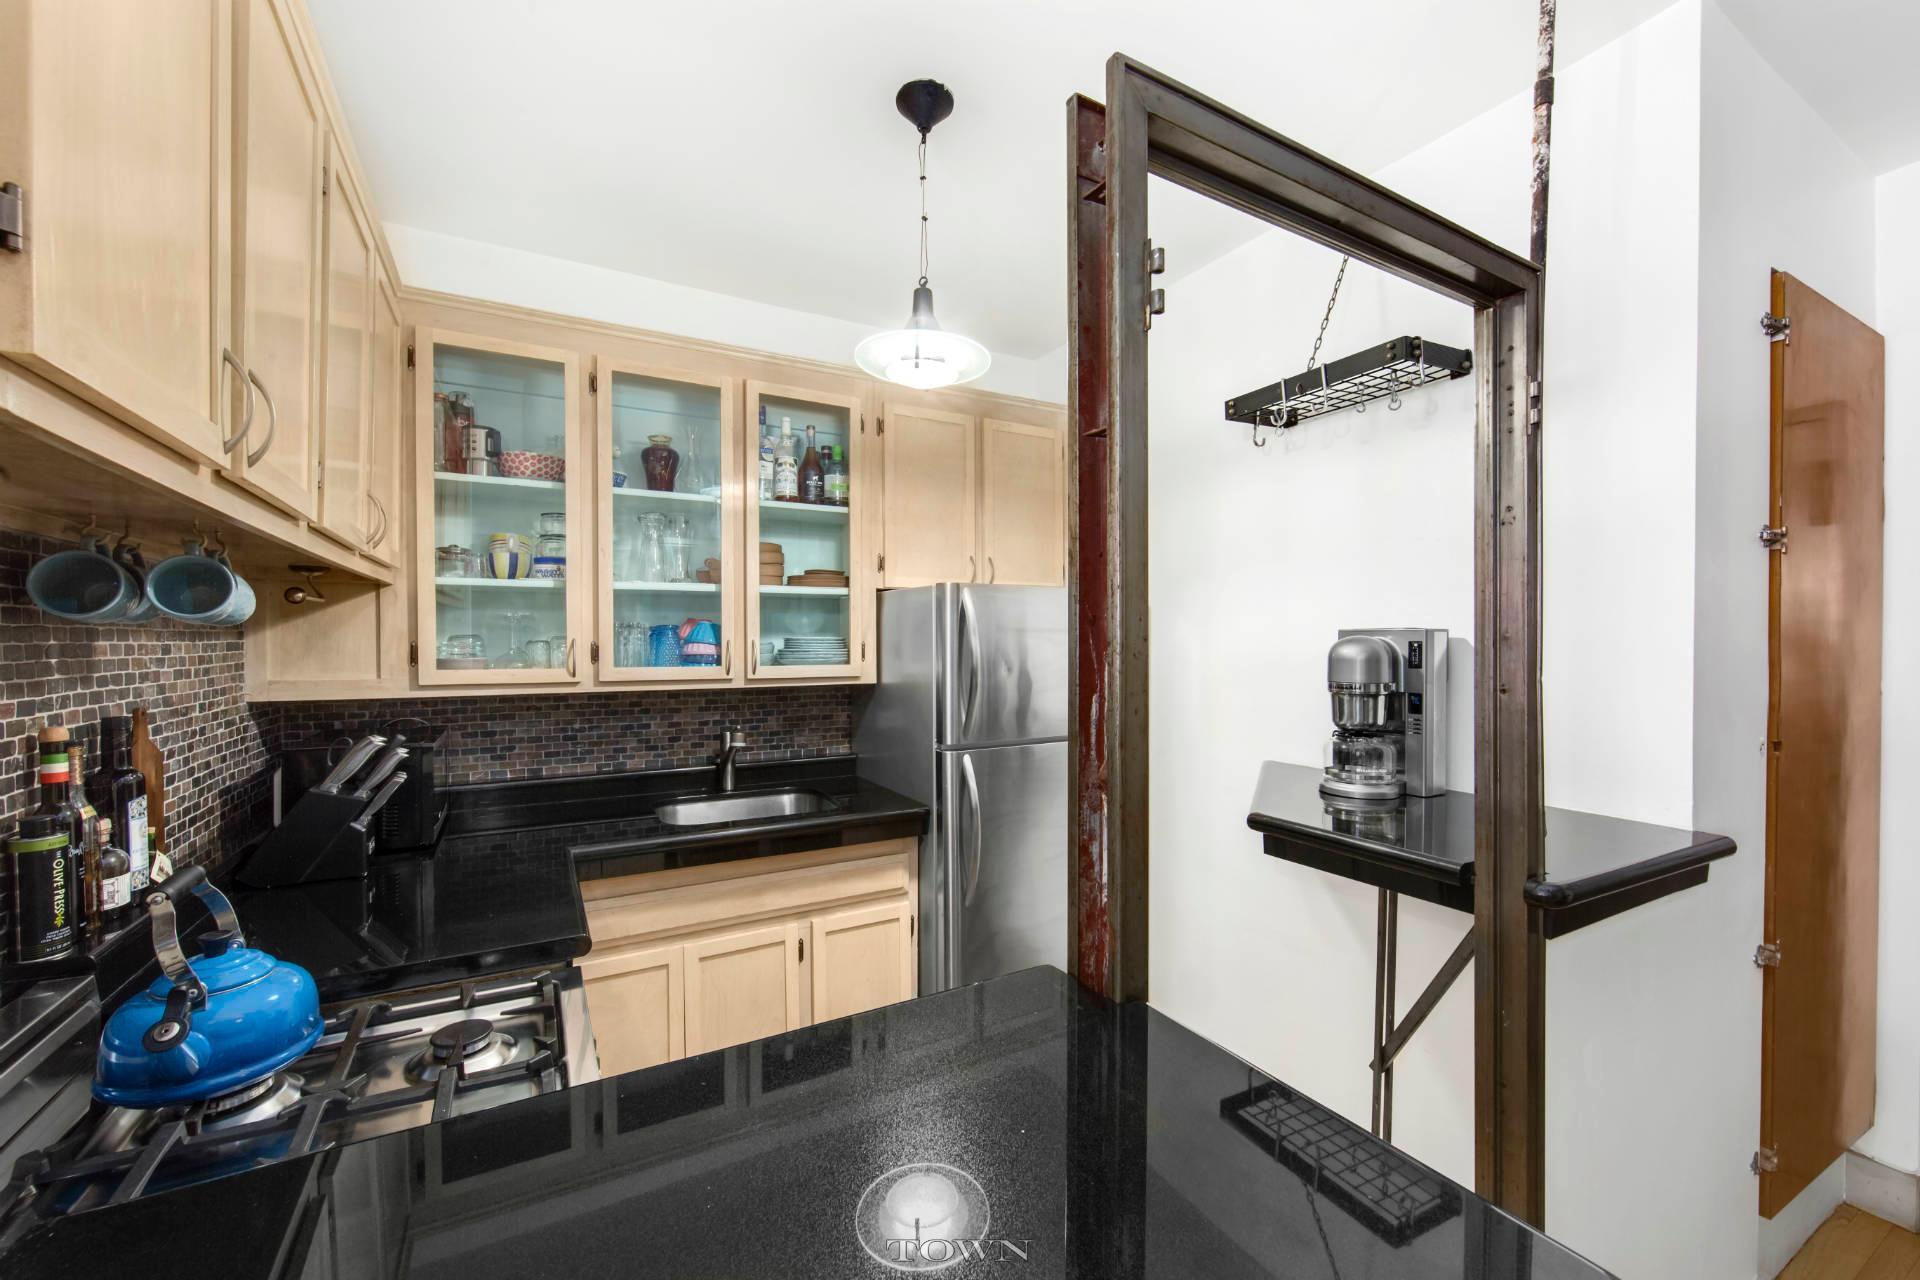 16 West 16th Street Kitchen